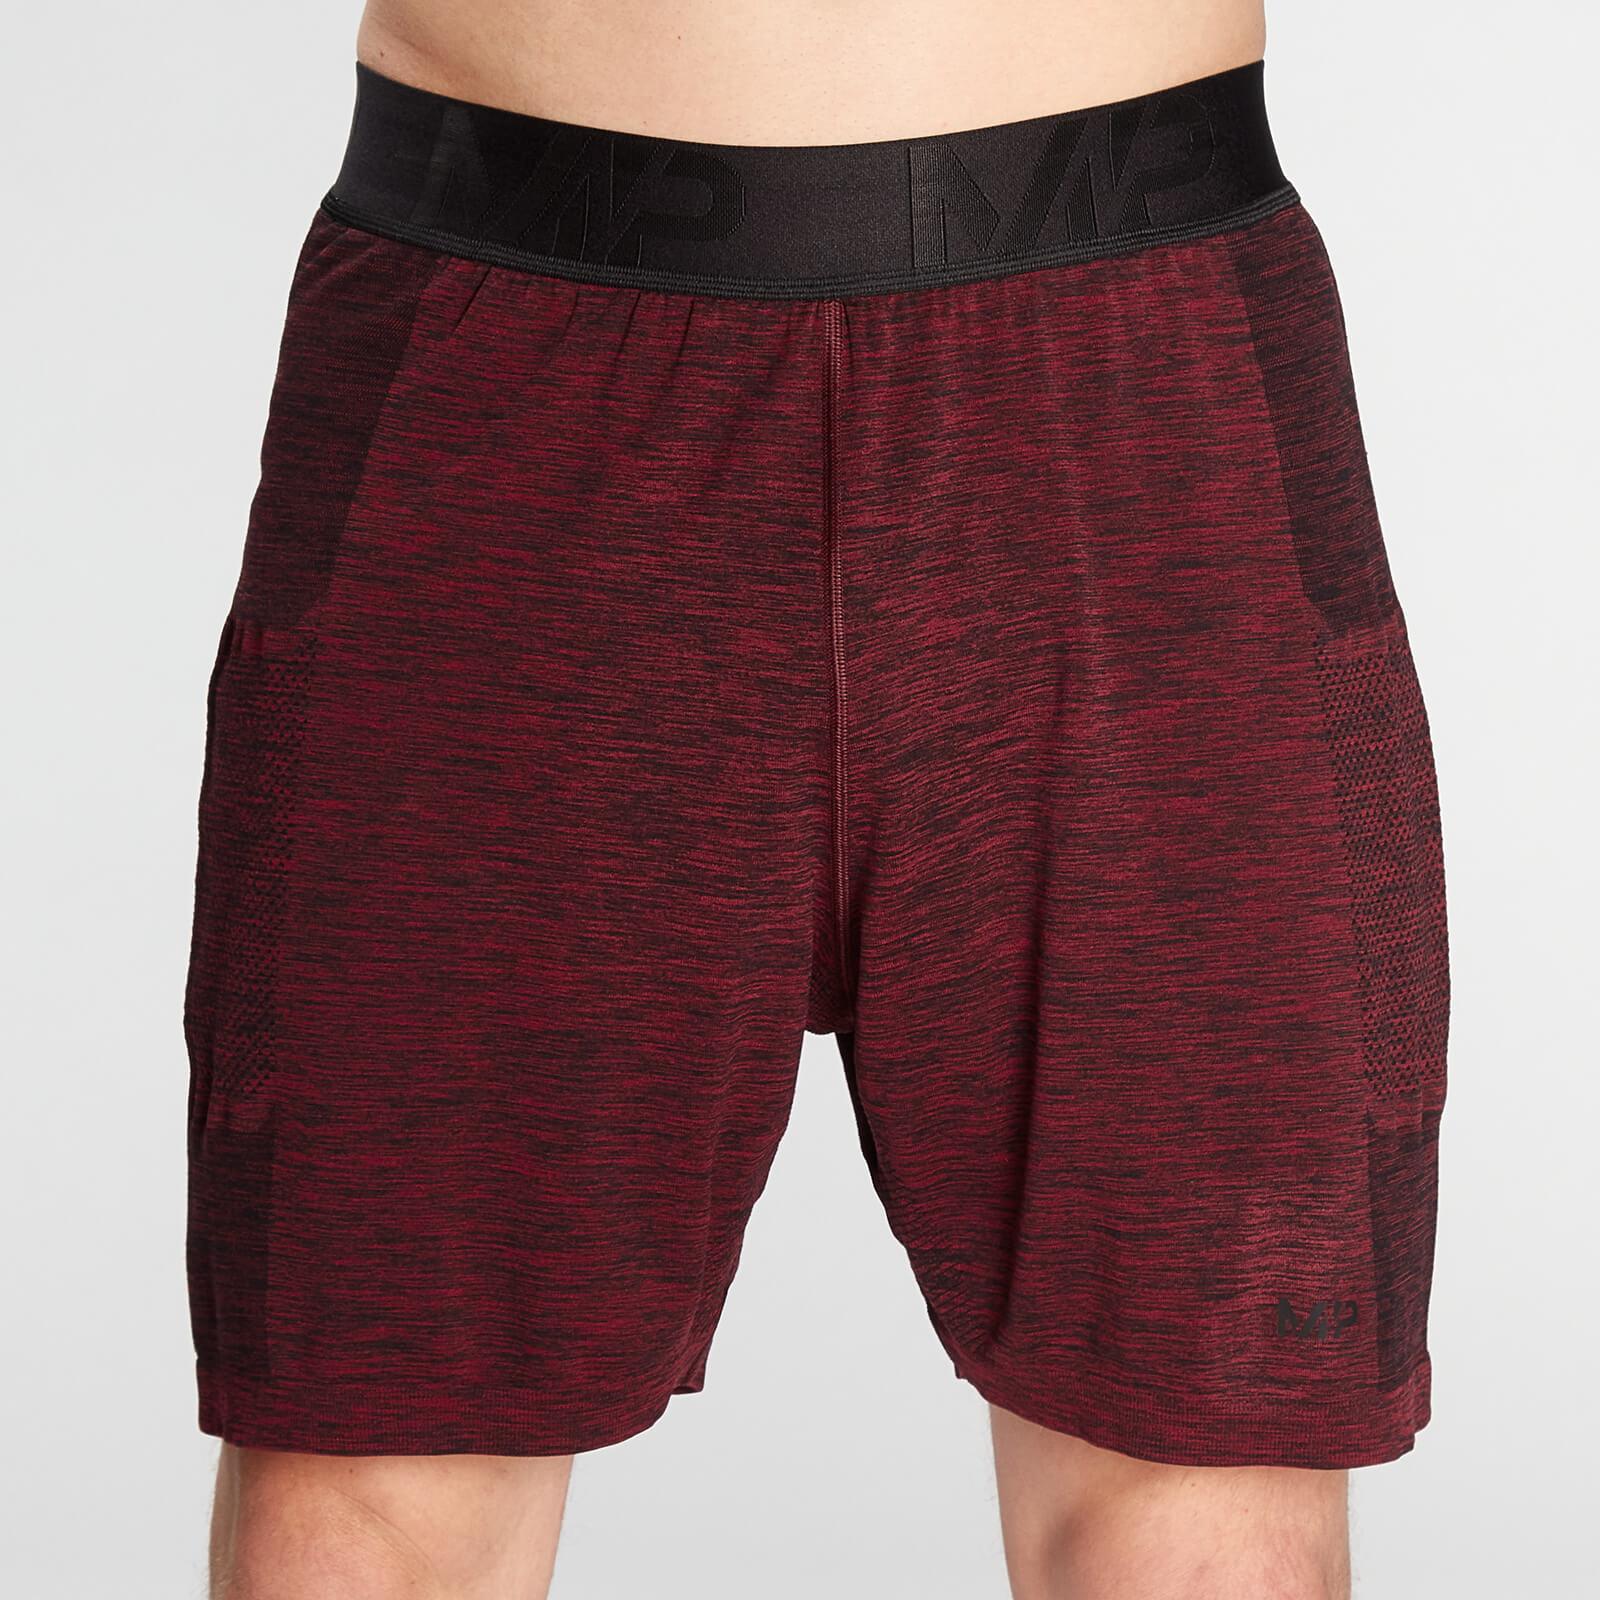 Купить MP Men's Essential Seamless Shorts- Washed Oxblood Marl - S, Myprotein International